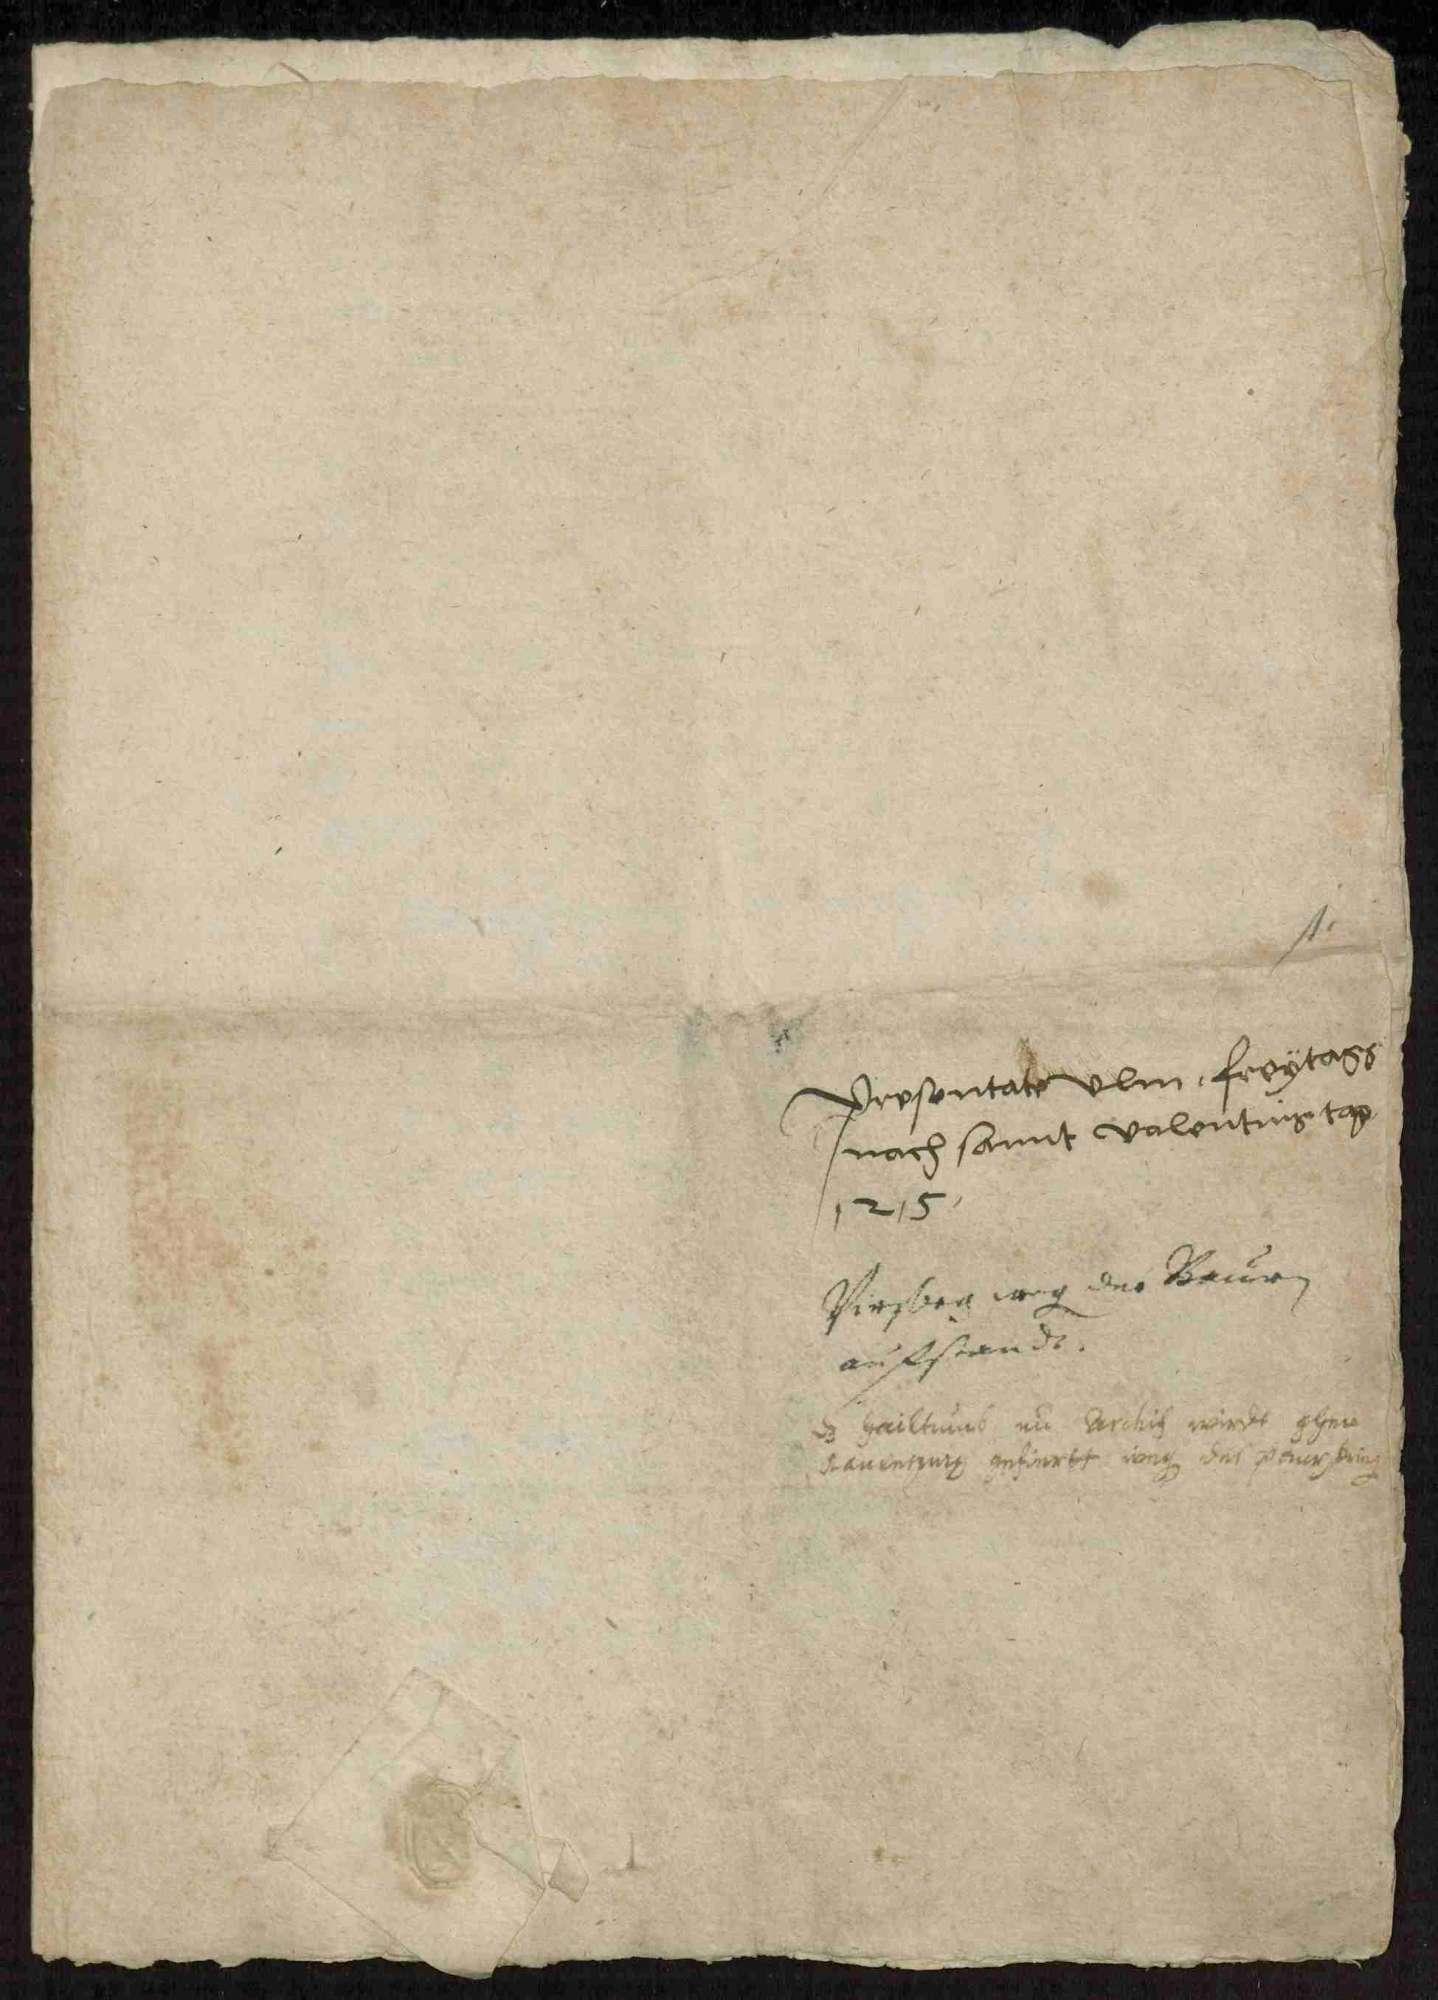 Schriftwechsel des Abts Gerwig von Weingarten, Bild 2